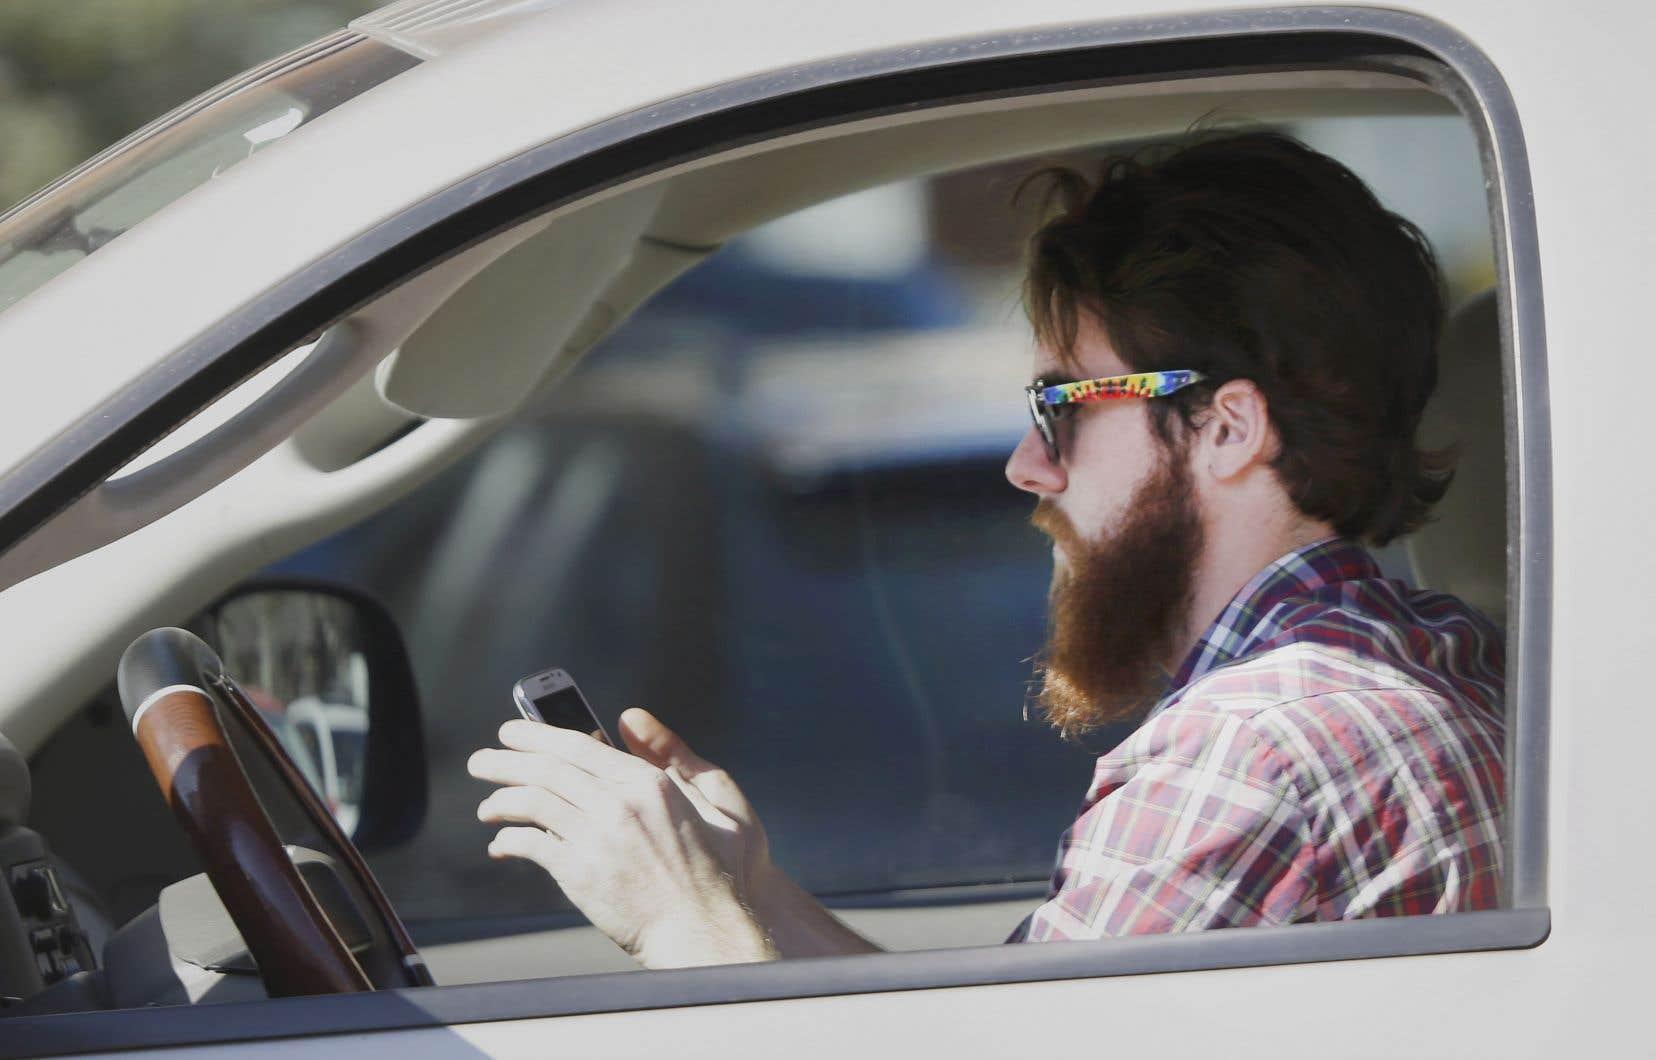 Le nombre d'infractions à la loi interdisant d'utiliser un appareil portatif en conduisant a passé d'environ 68000 en 2013 à quelque 46000 en 2016.